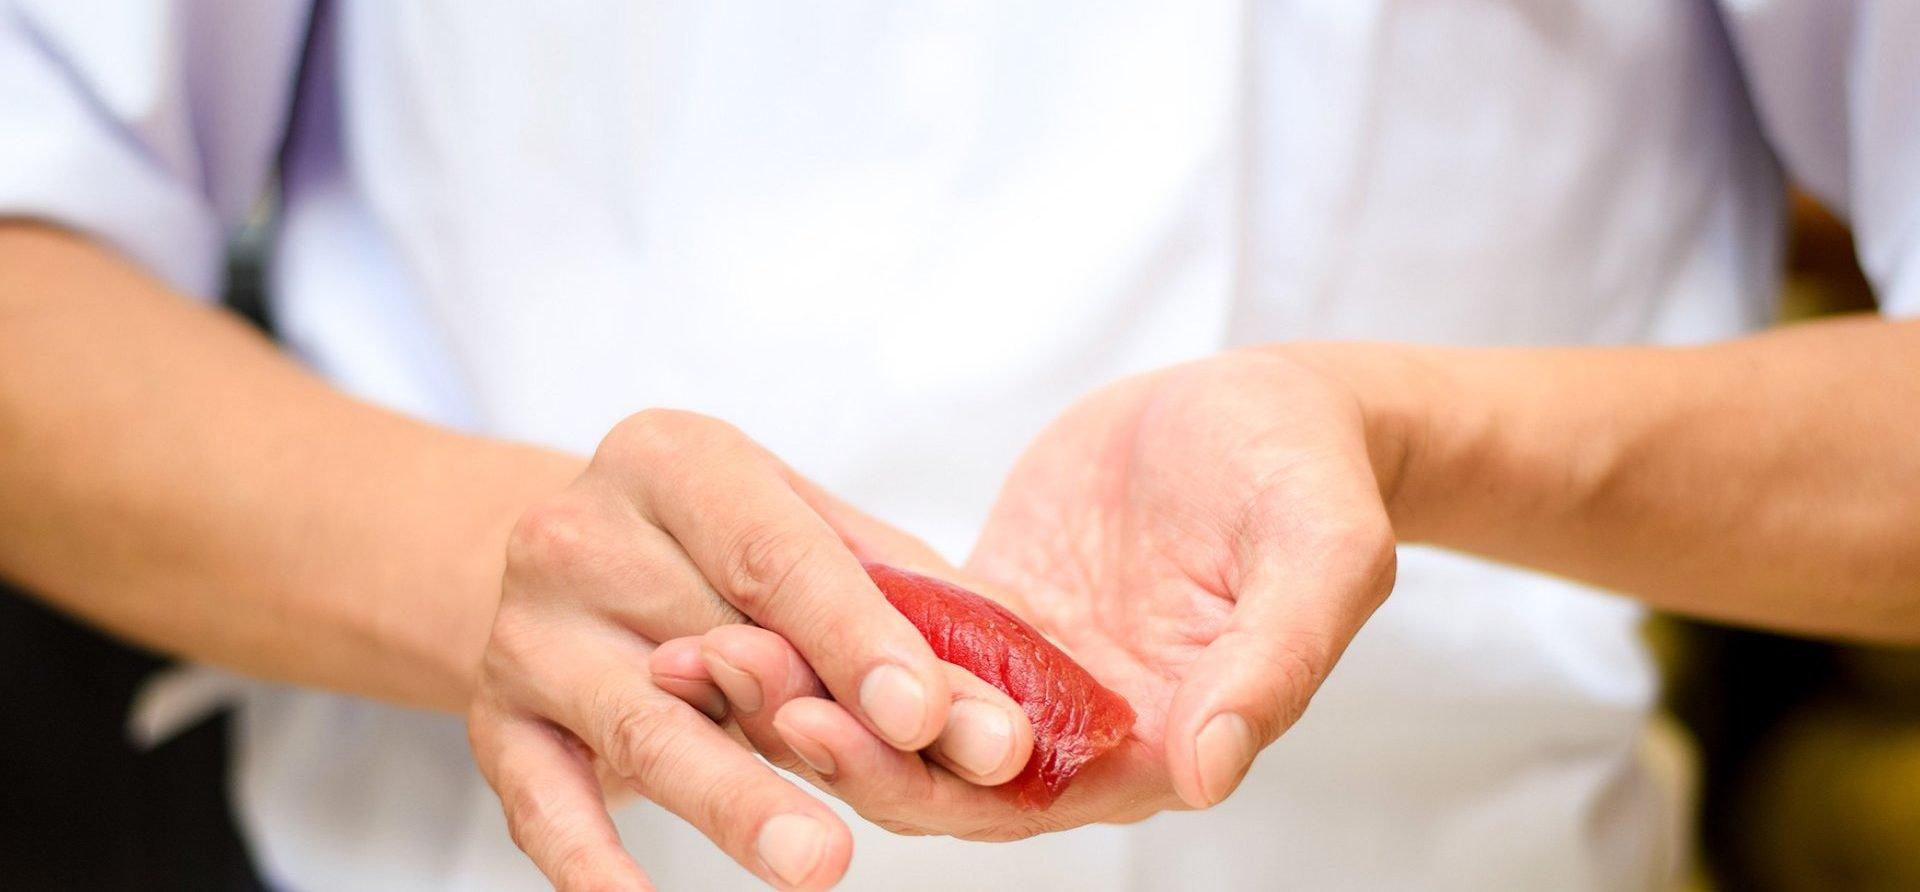 Maimon top kokoro e1585277101702 | Maimon Sushi  –  Kanazawa